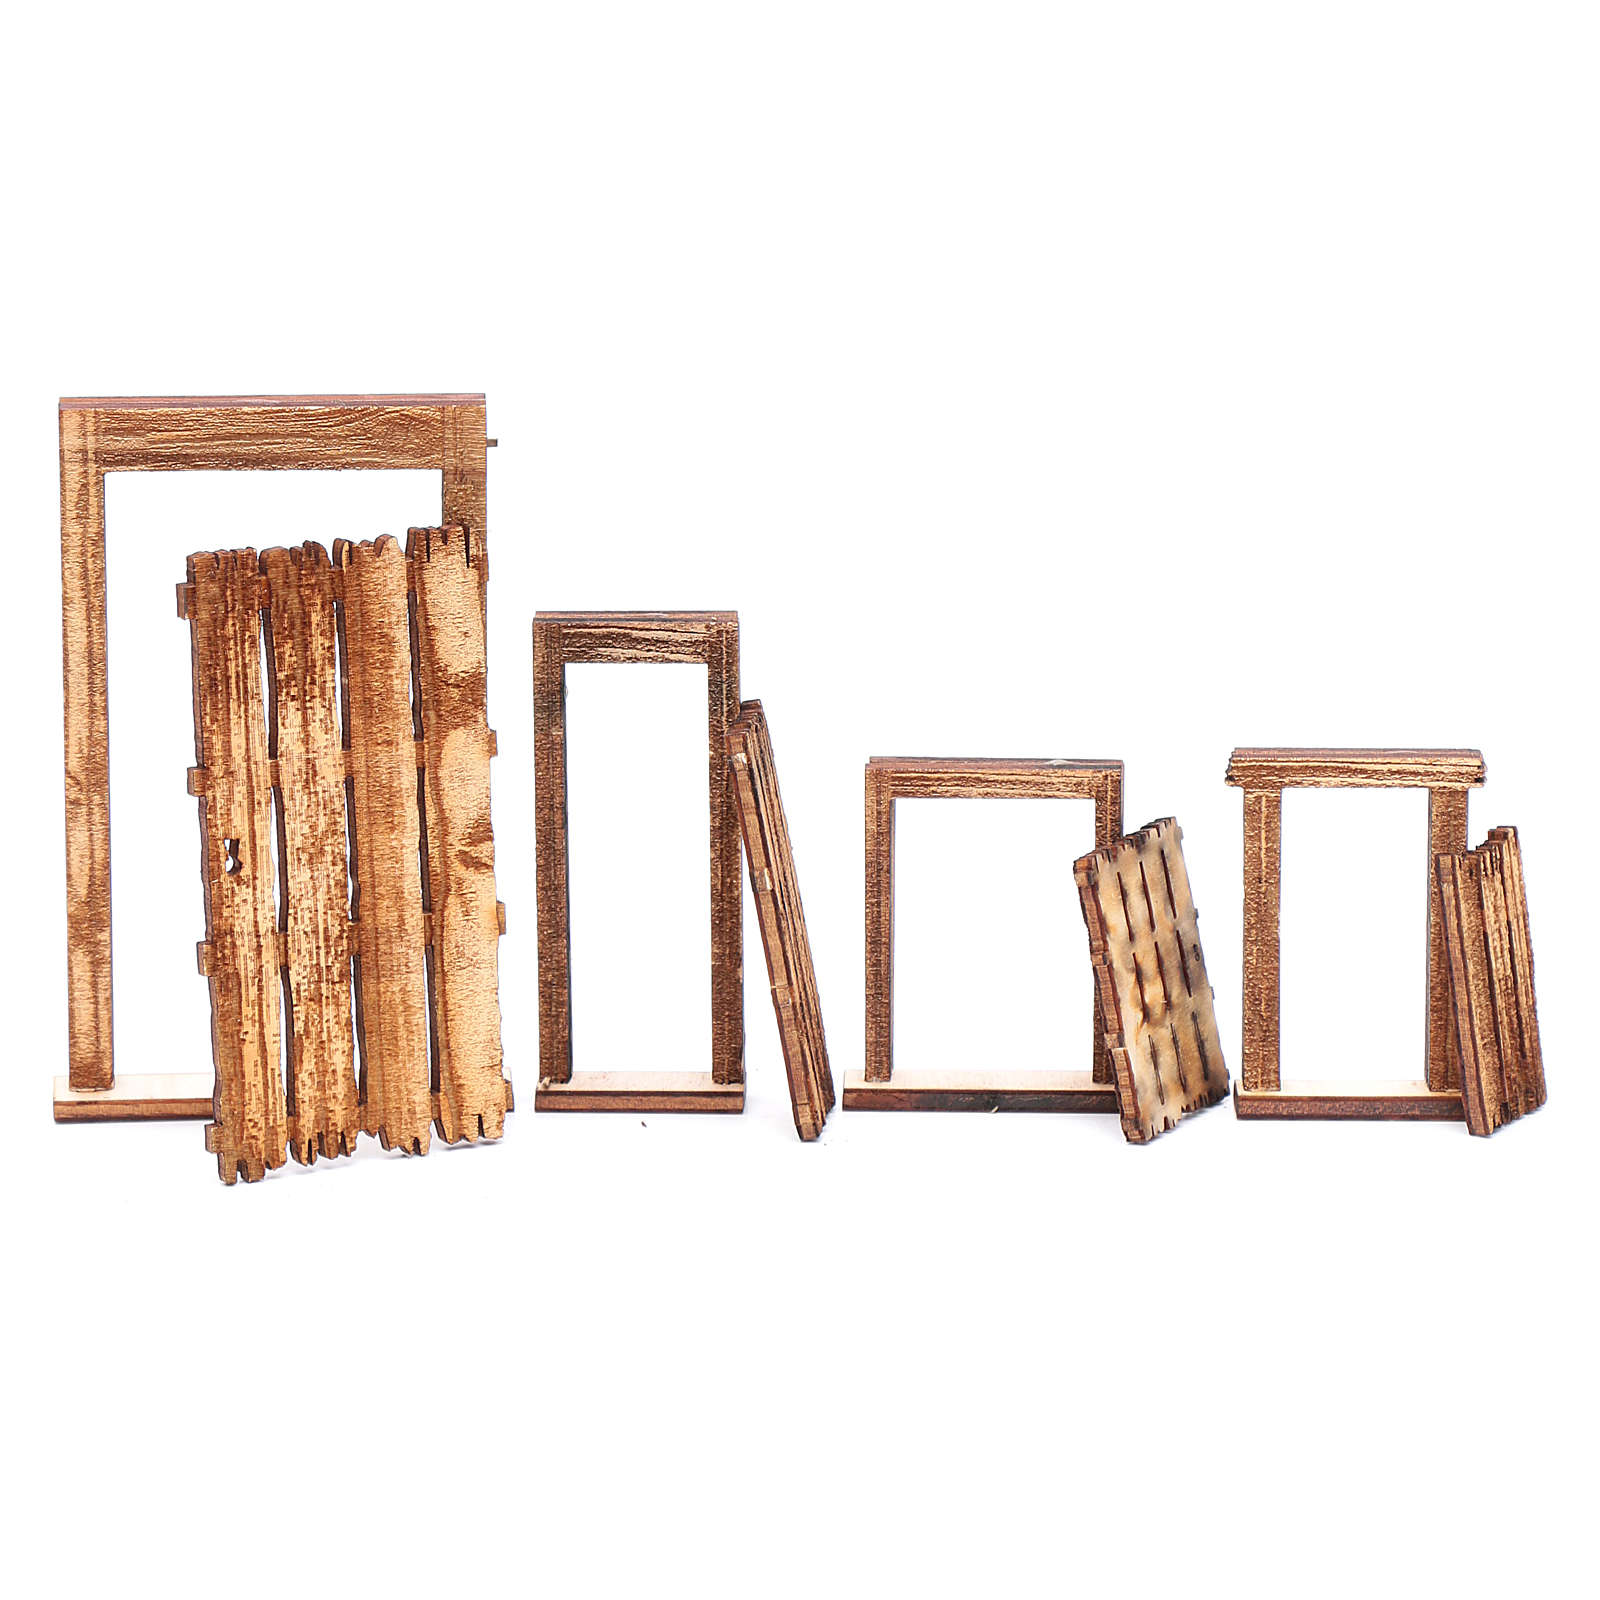 Portone rudere set 4 pz presepe napoletano fai da te legno 4